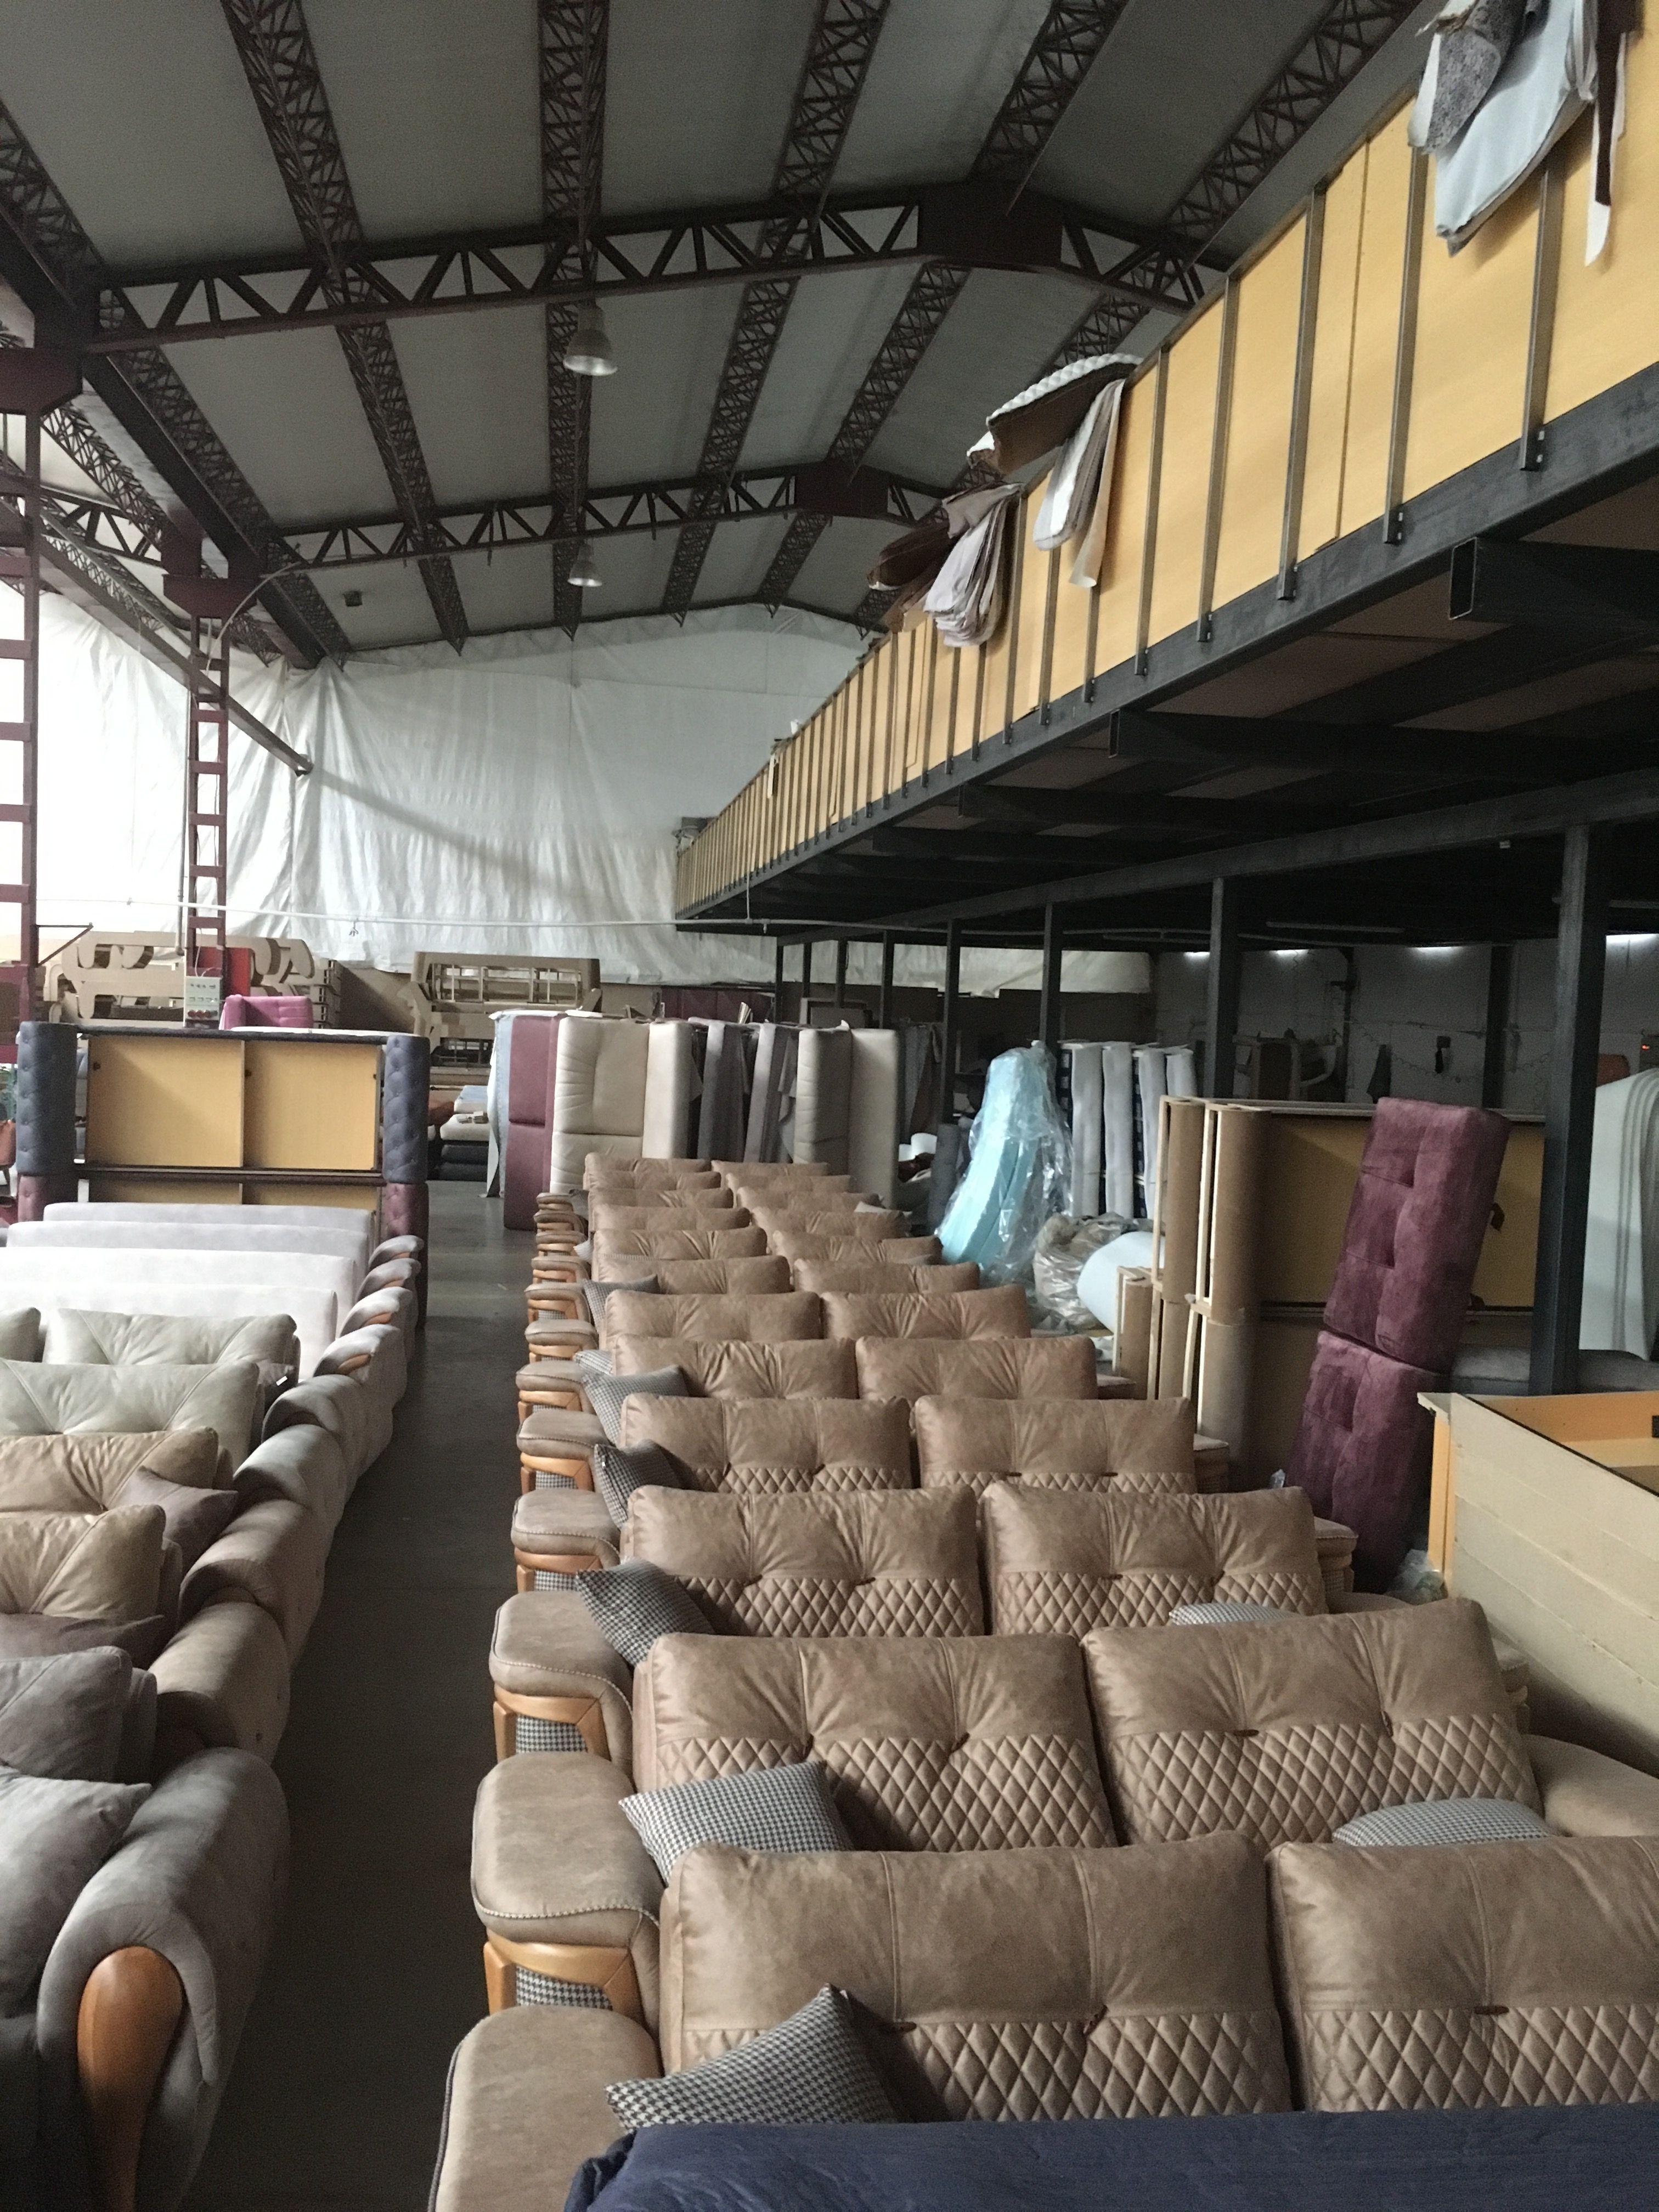 Veydi Mobilya Furniture Sofa Adli Kullanicinin By Yunus Bican Panosundaki Pin Armut Koltuk Koltuklar Tekli Koltuk